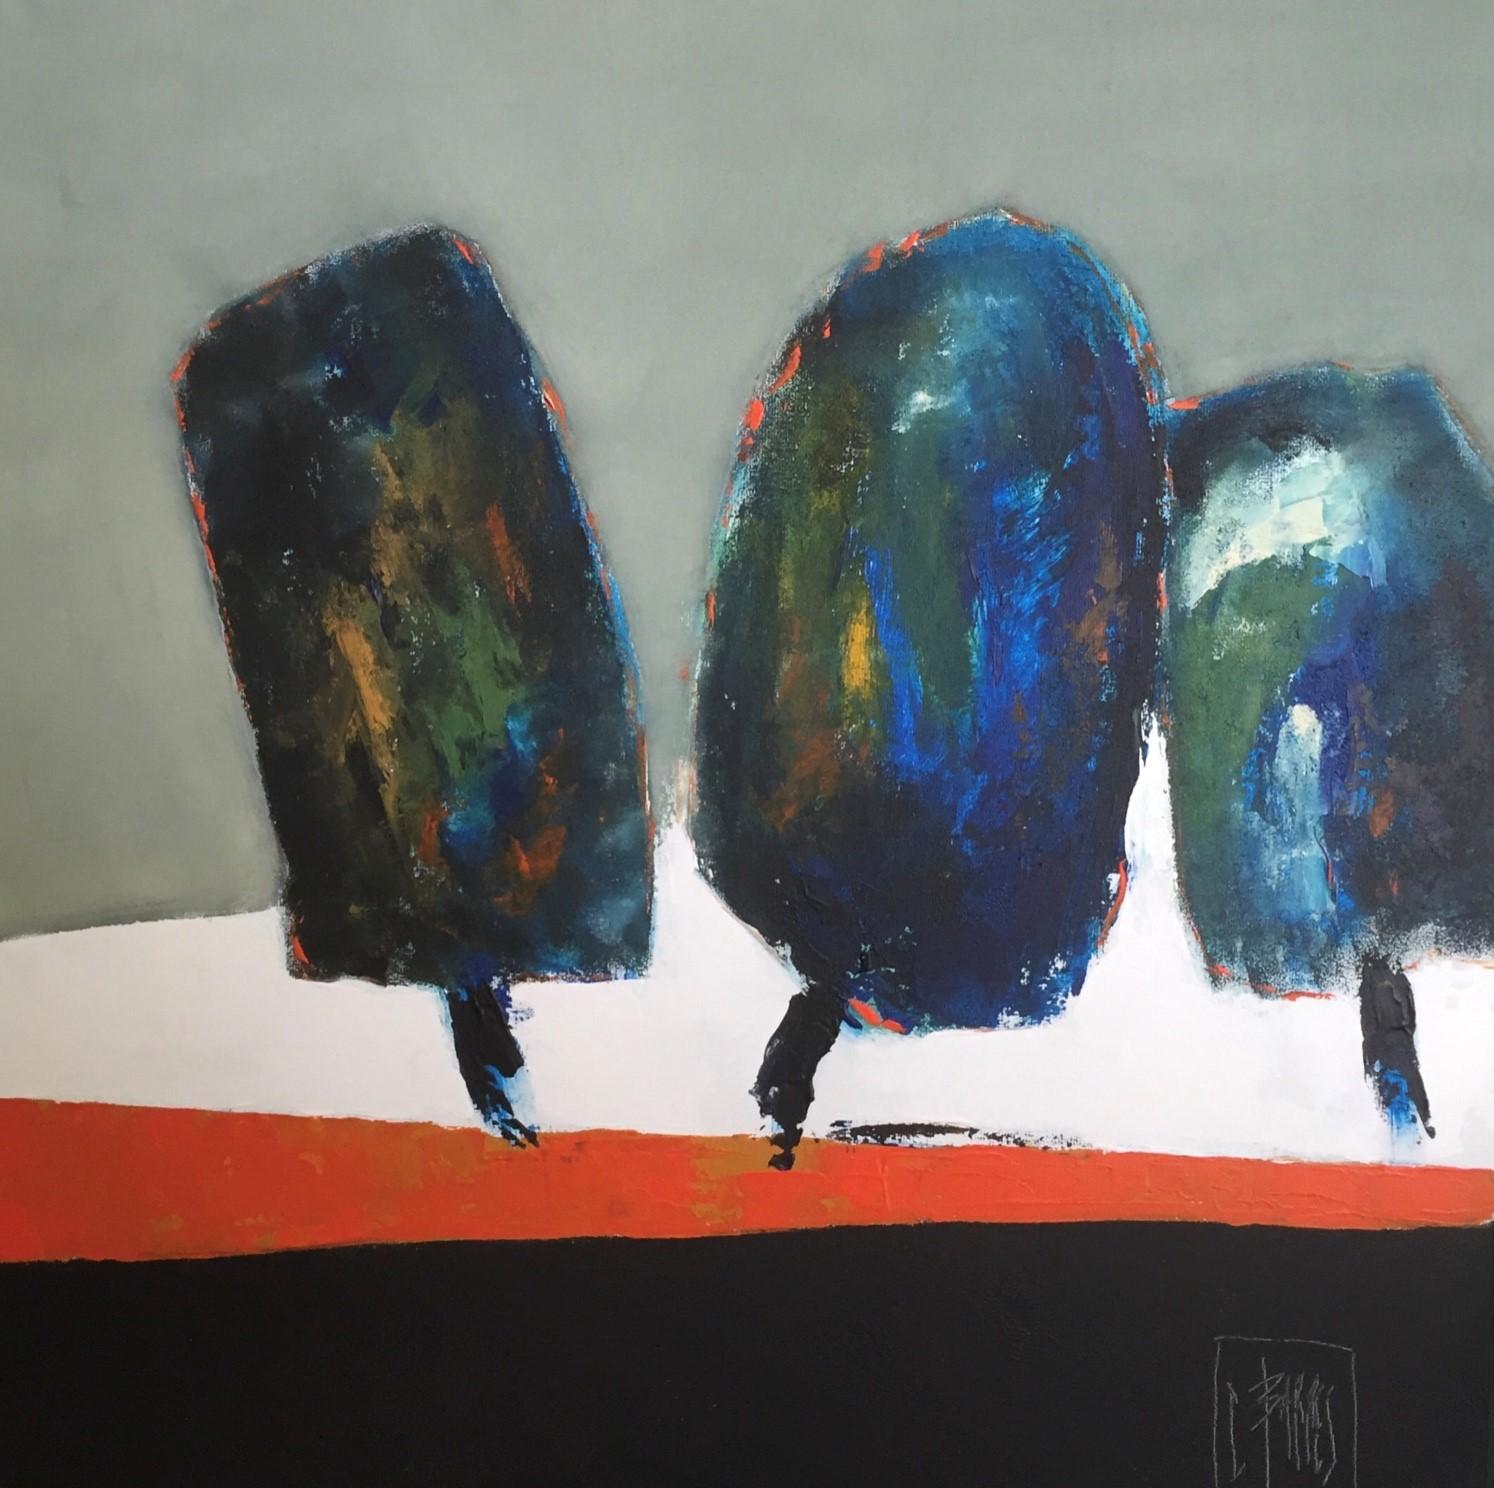 Les trois arbres - Huile sur toile - 80x80 cm